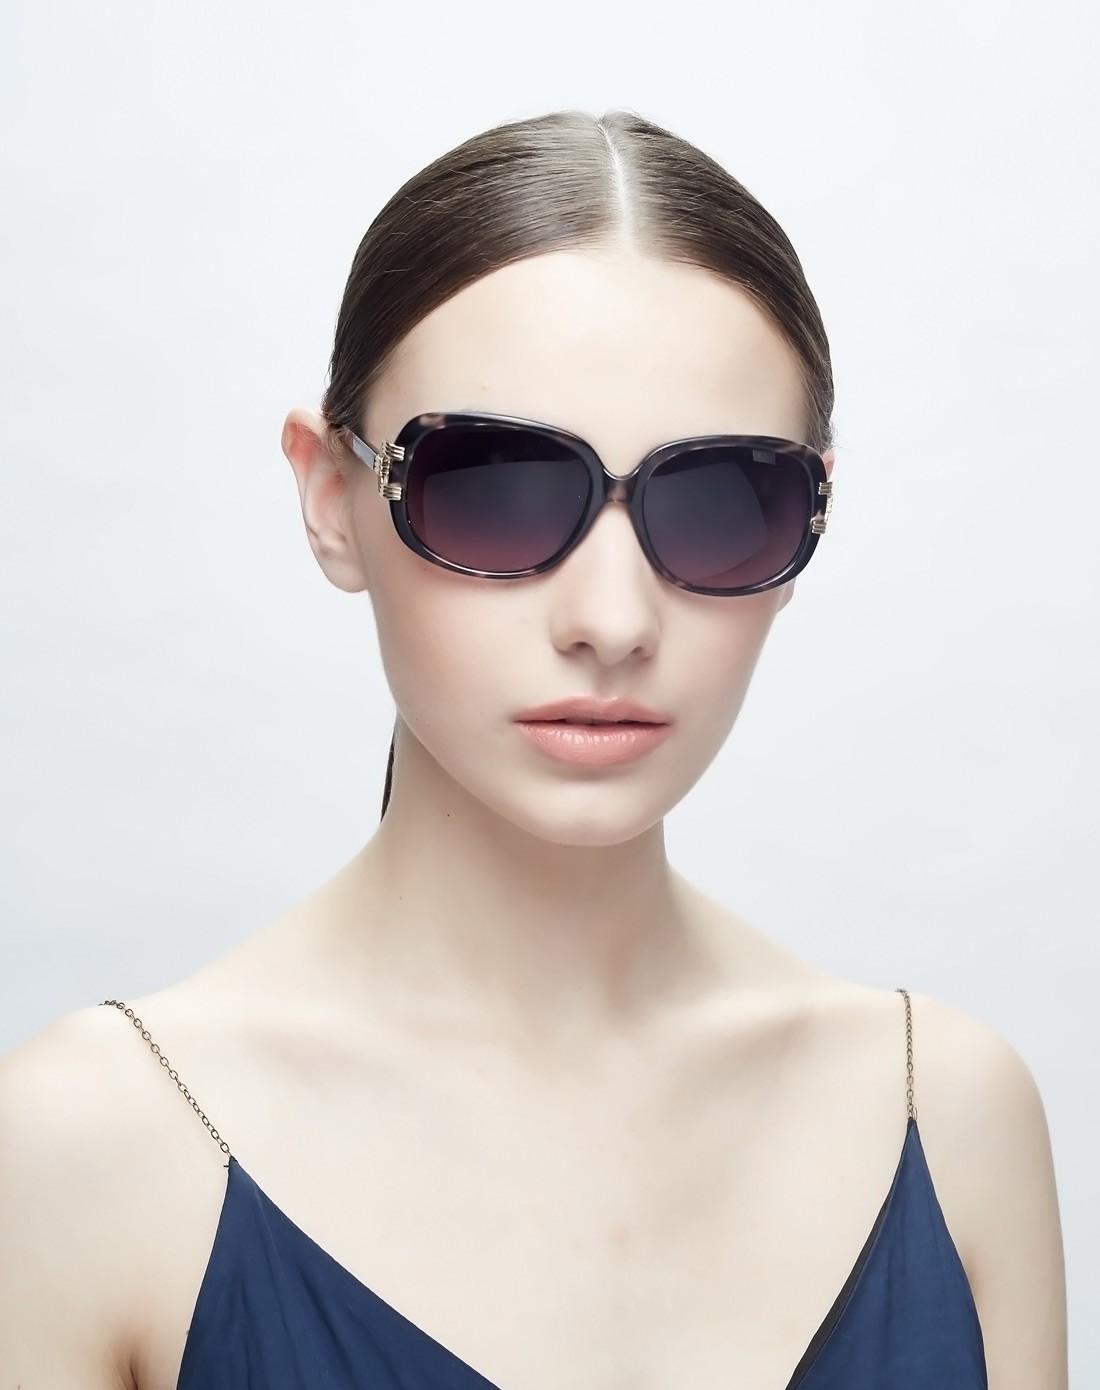 丝贝尔sspair眼镜专场优雅成熟女款太阳镜sp3334c.03